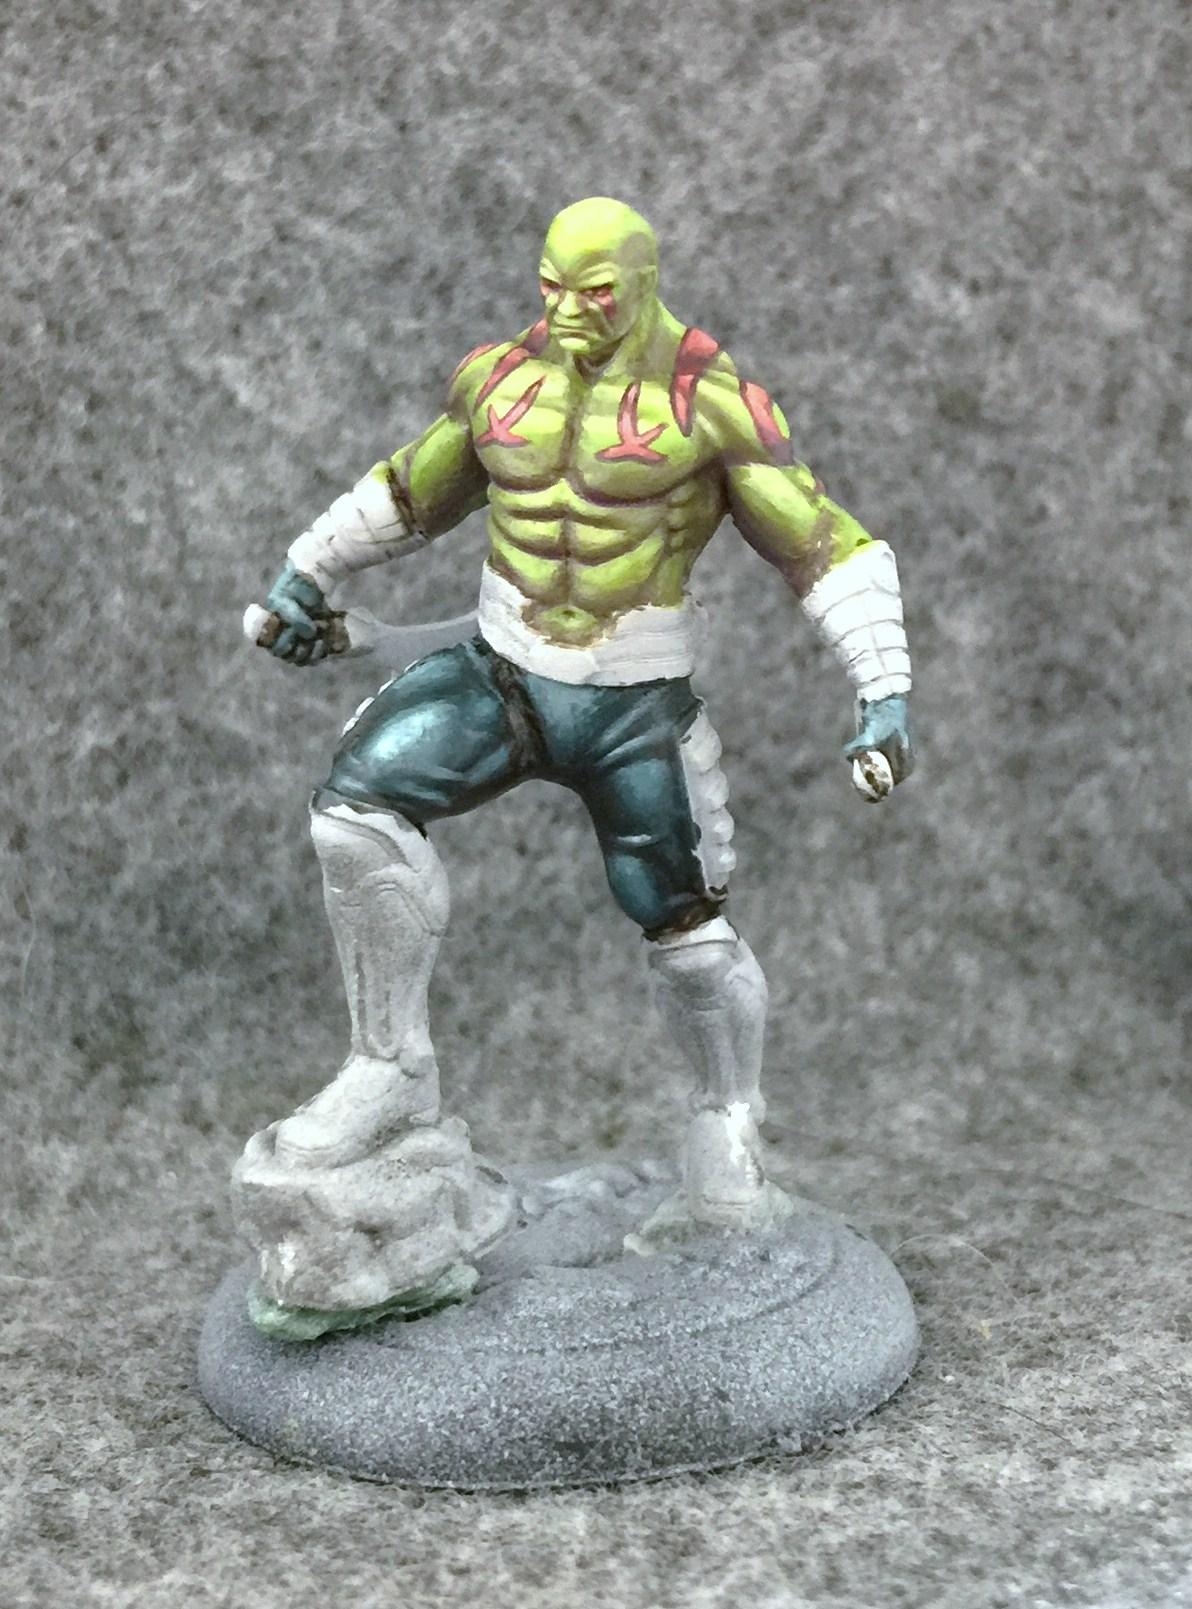 009 Drax Knight Models